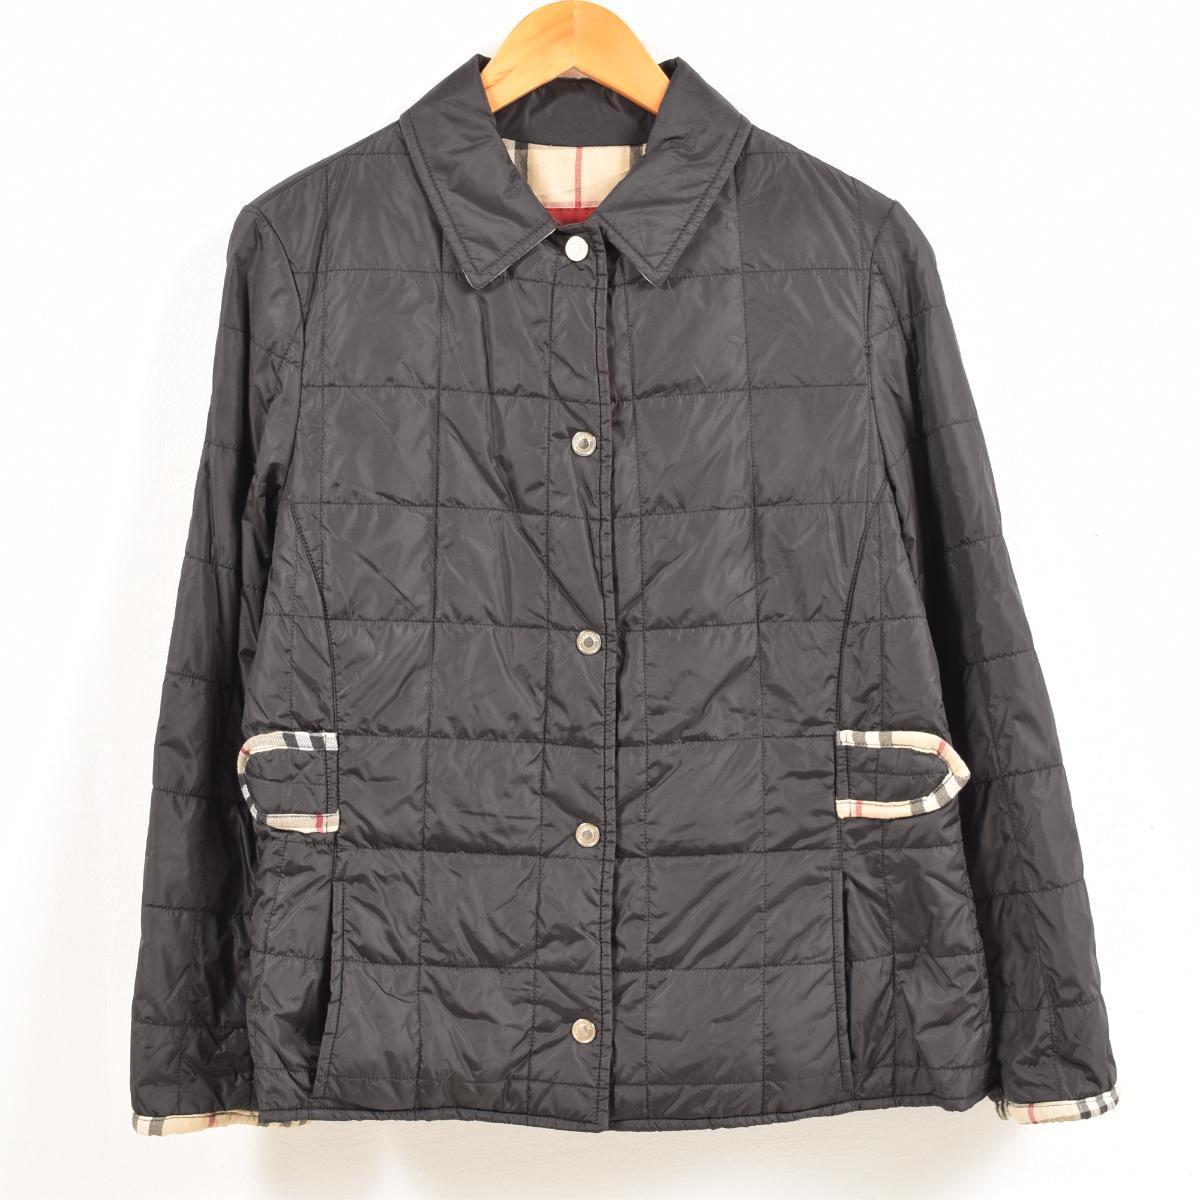 バーバリー Burberry's キルティングジャケット 英国製 レディースM /waw6872 【中古】 【181217】【SS1903】